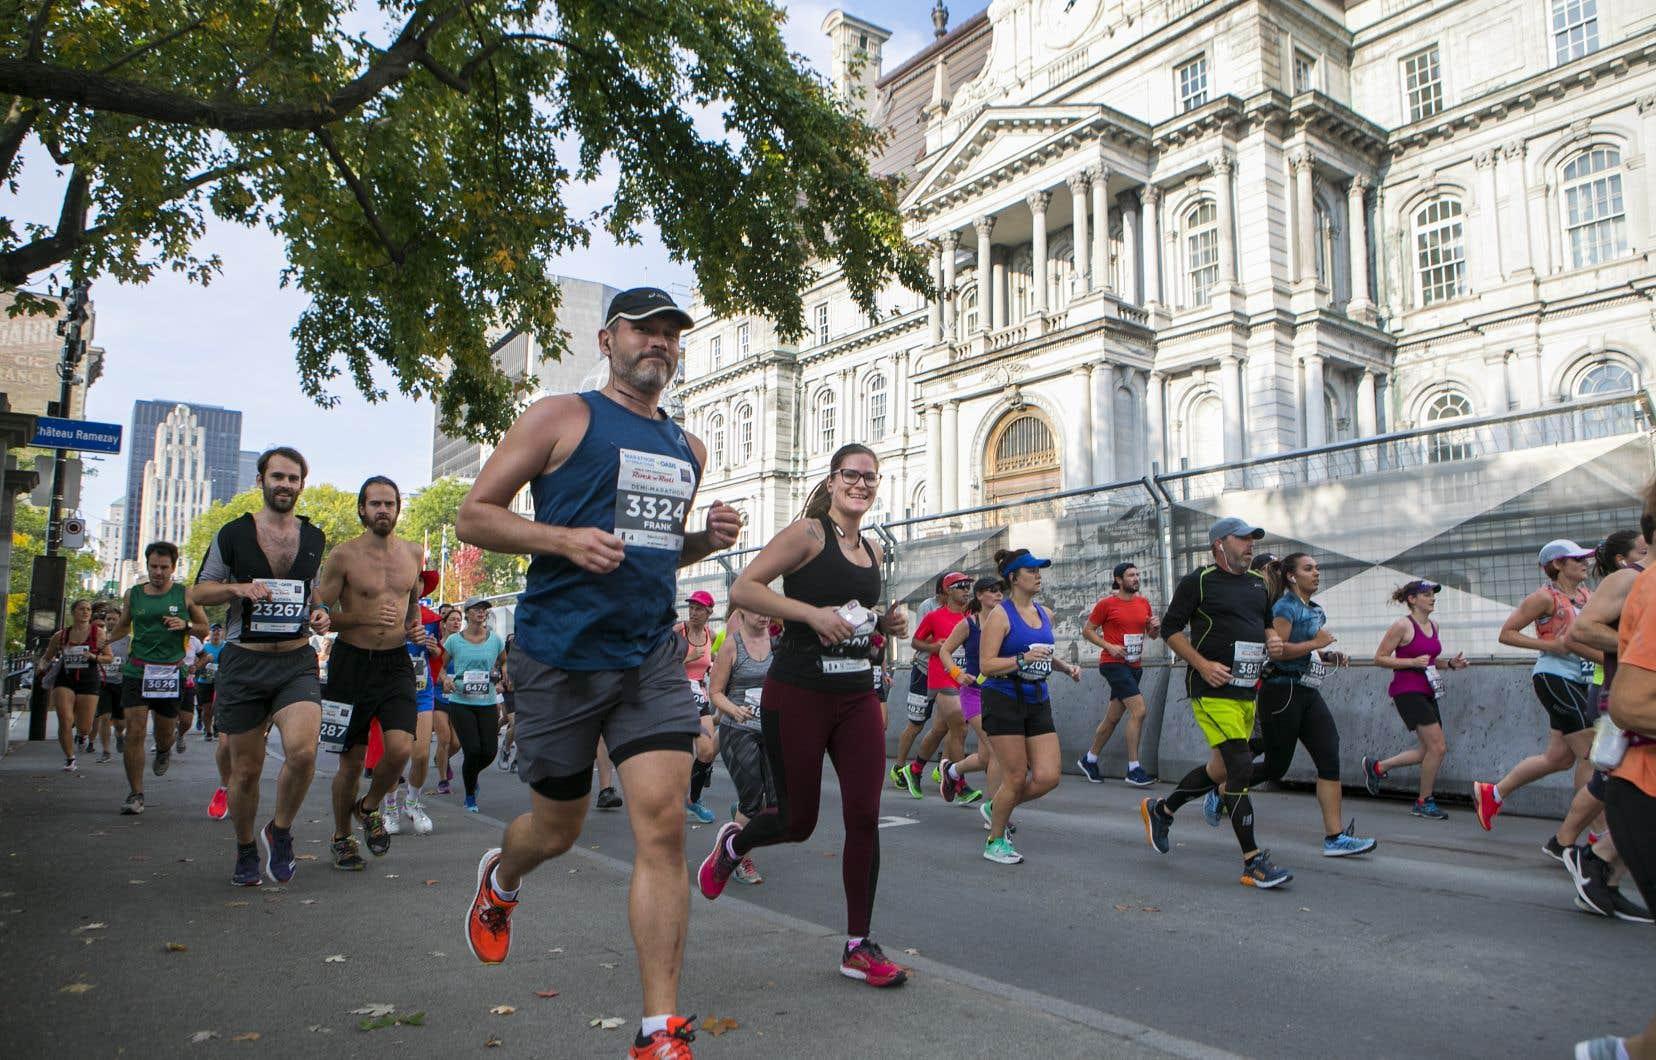 Près de 18000 participants sont inscrits aux cinq épreuves du Marathon Oasis Rock'n'roll de Montréal qui ont commencé la veille avec un volet plus familial.